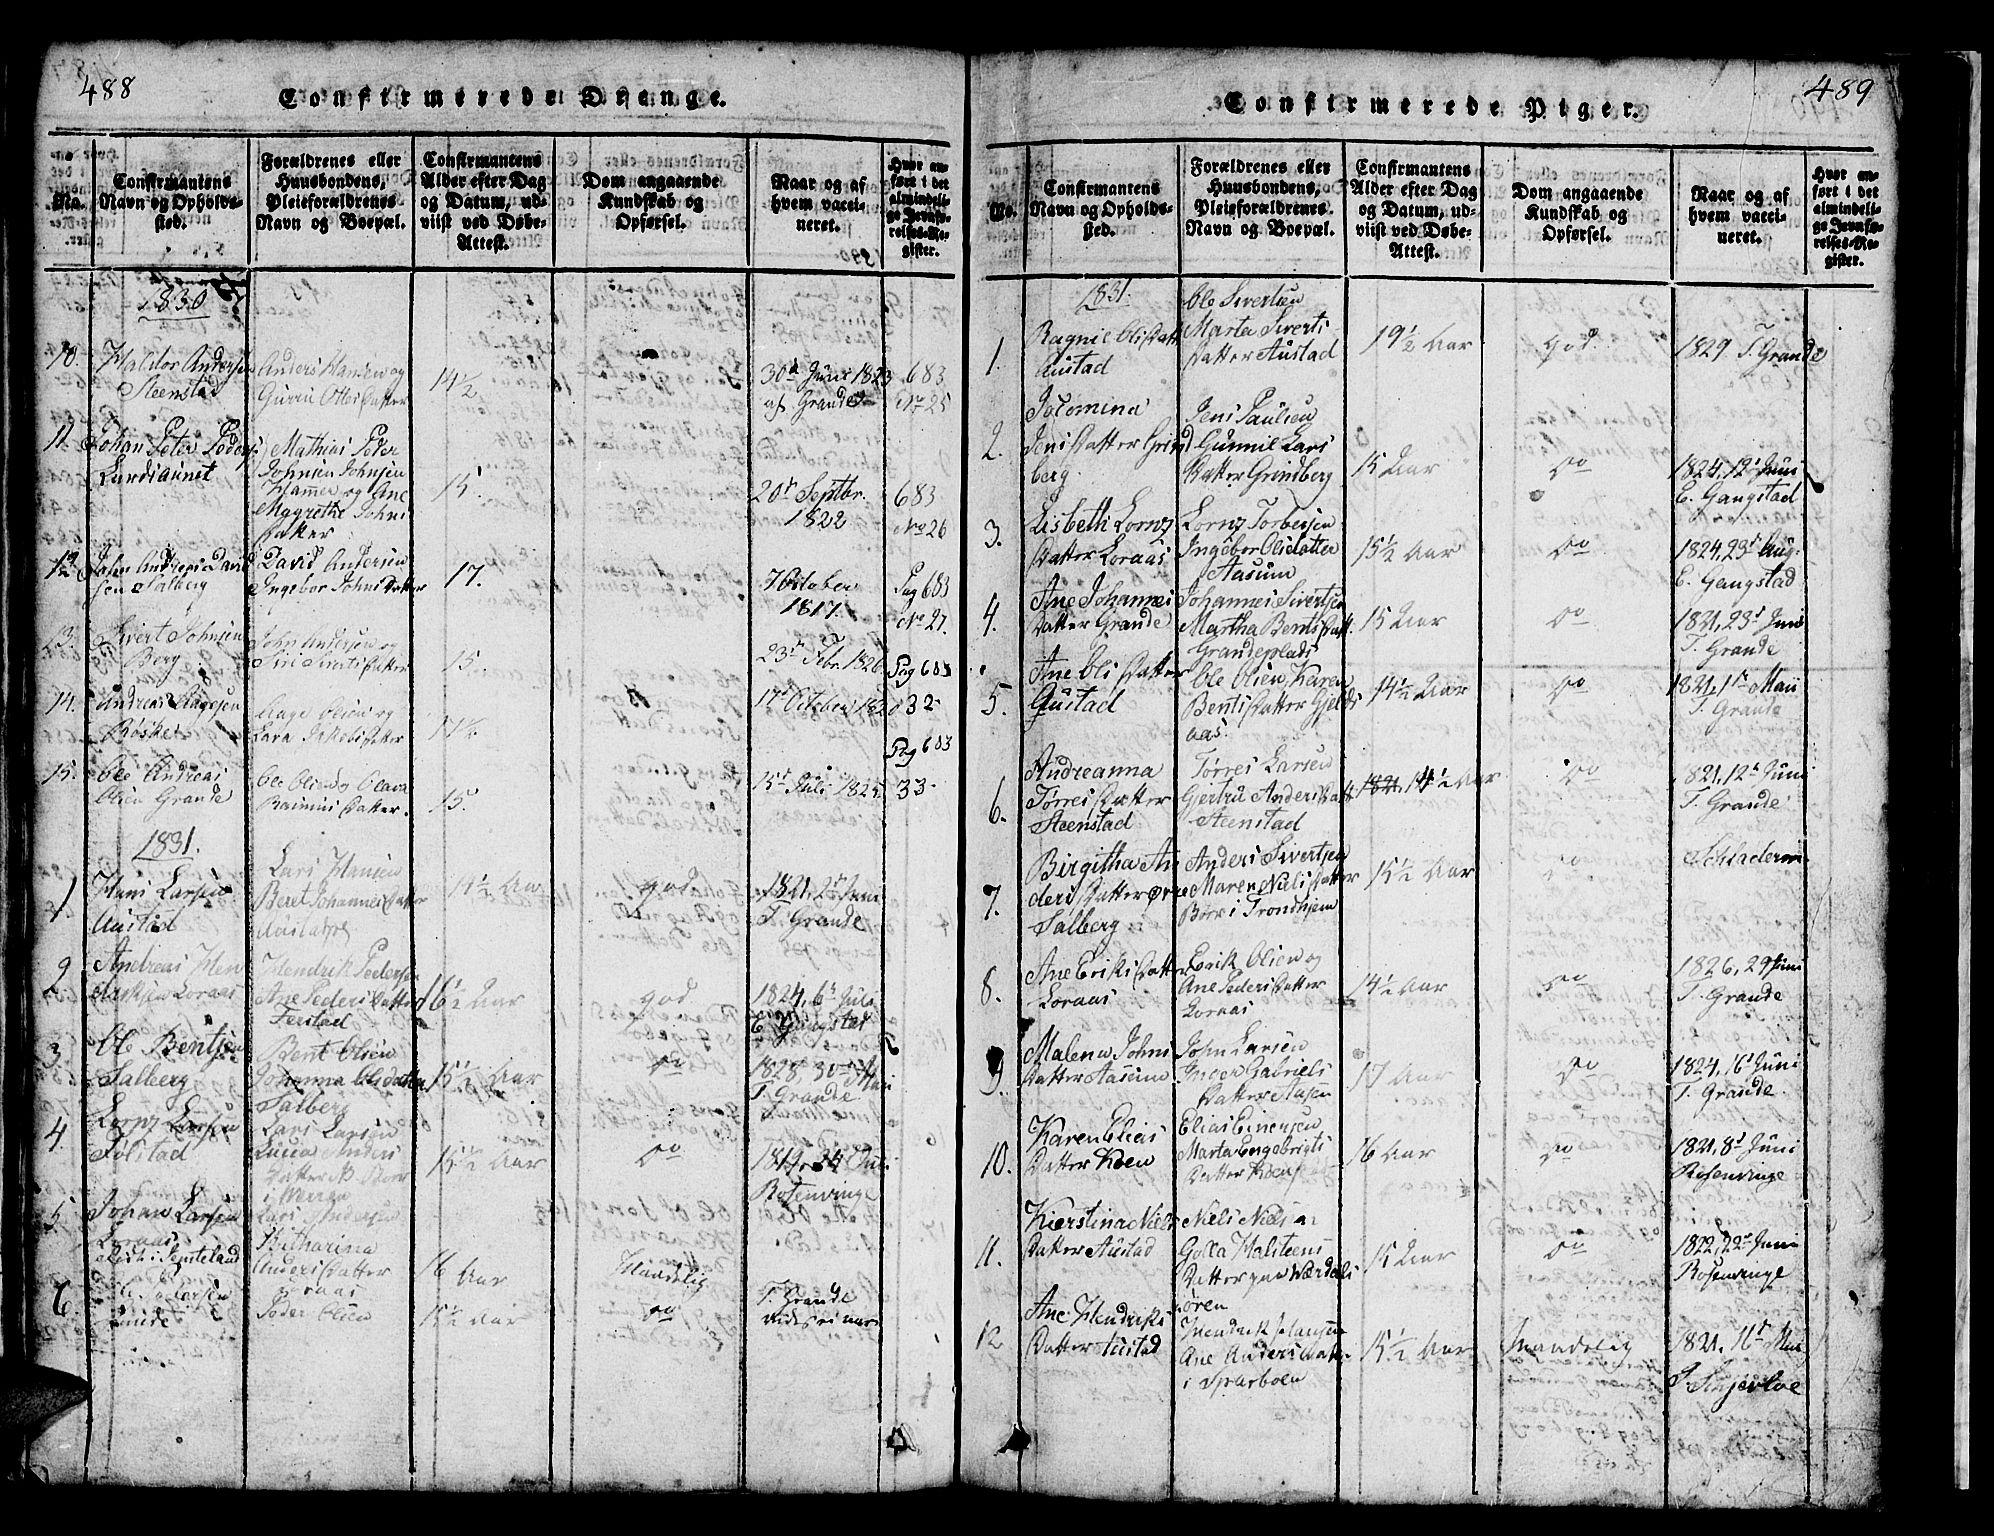 SAT, Ministerialprotokoller, klokkerbøker og fødselsregistre - Nord-Trøndelag, 731/L0310: Klokkerbok nr. 731C01, 1816-1874, s. 488-489